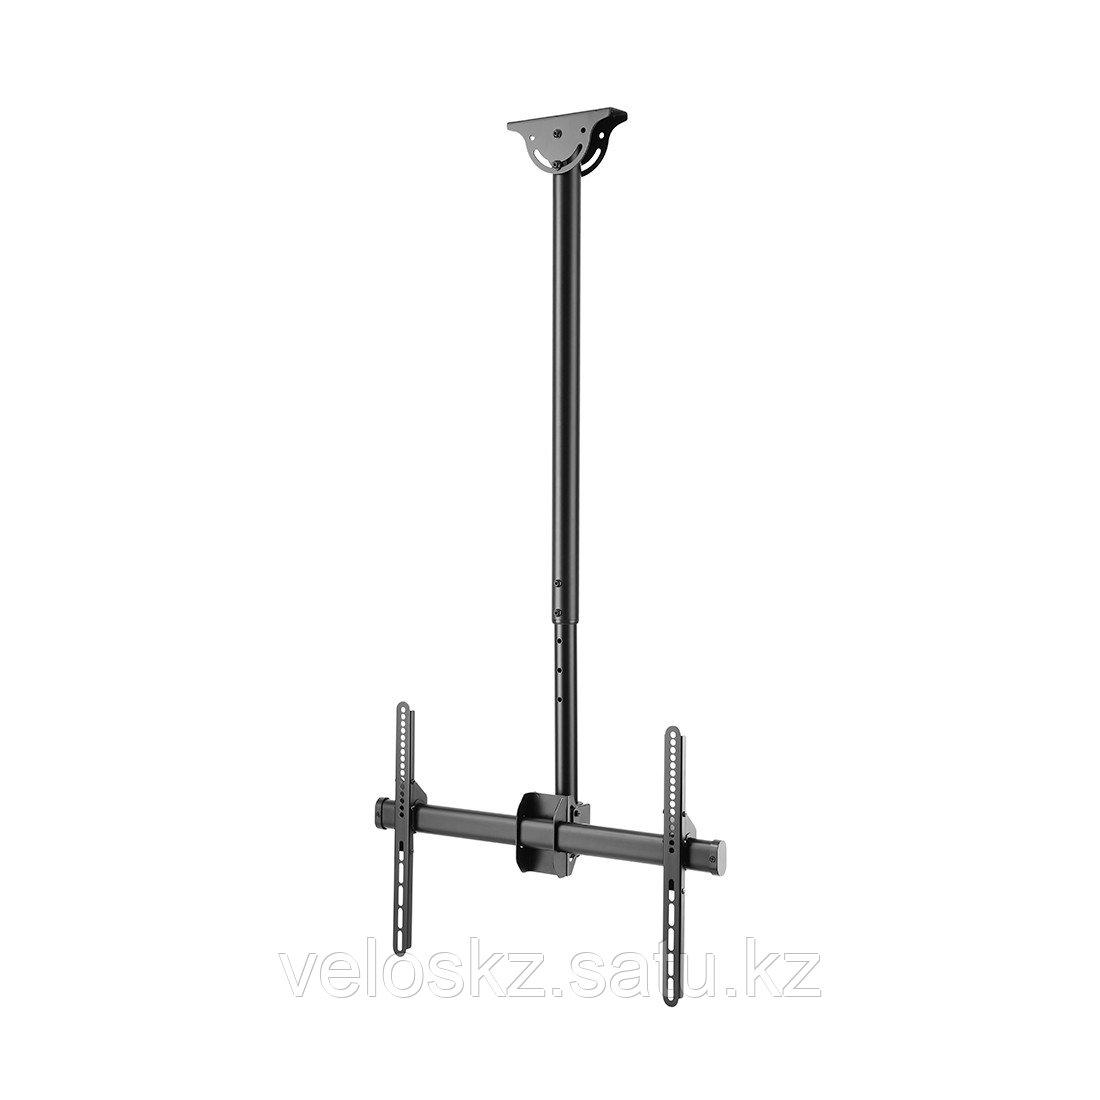 Brateck Крепление для ТВ и мониторов Brateck PLB-CE944-01L, Макс. нагрузка - 50 кг, Диагональ 32-55